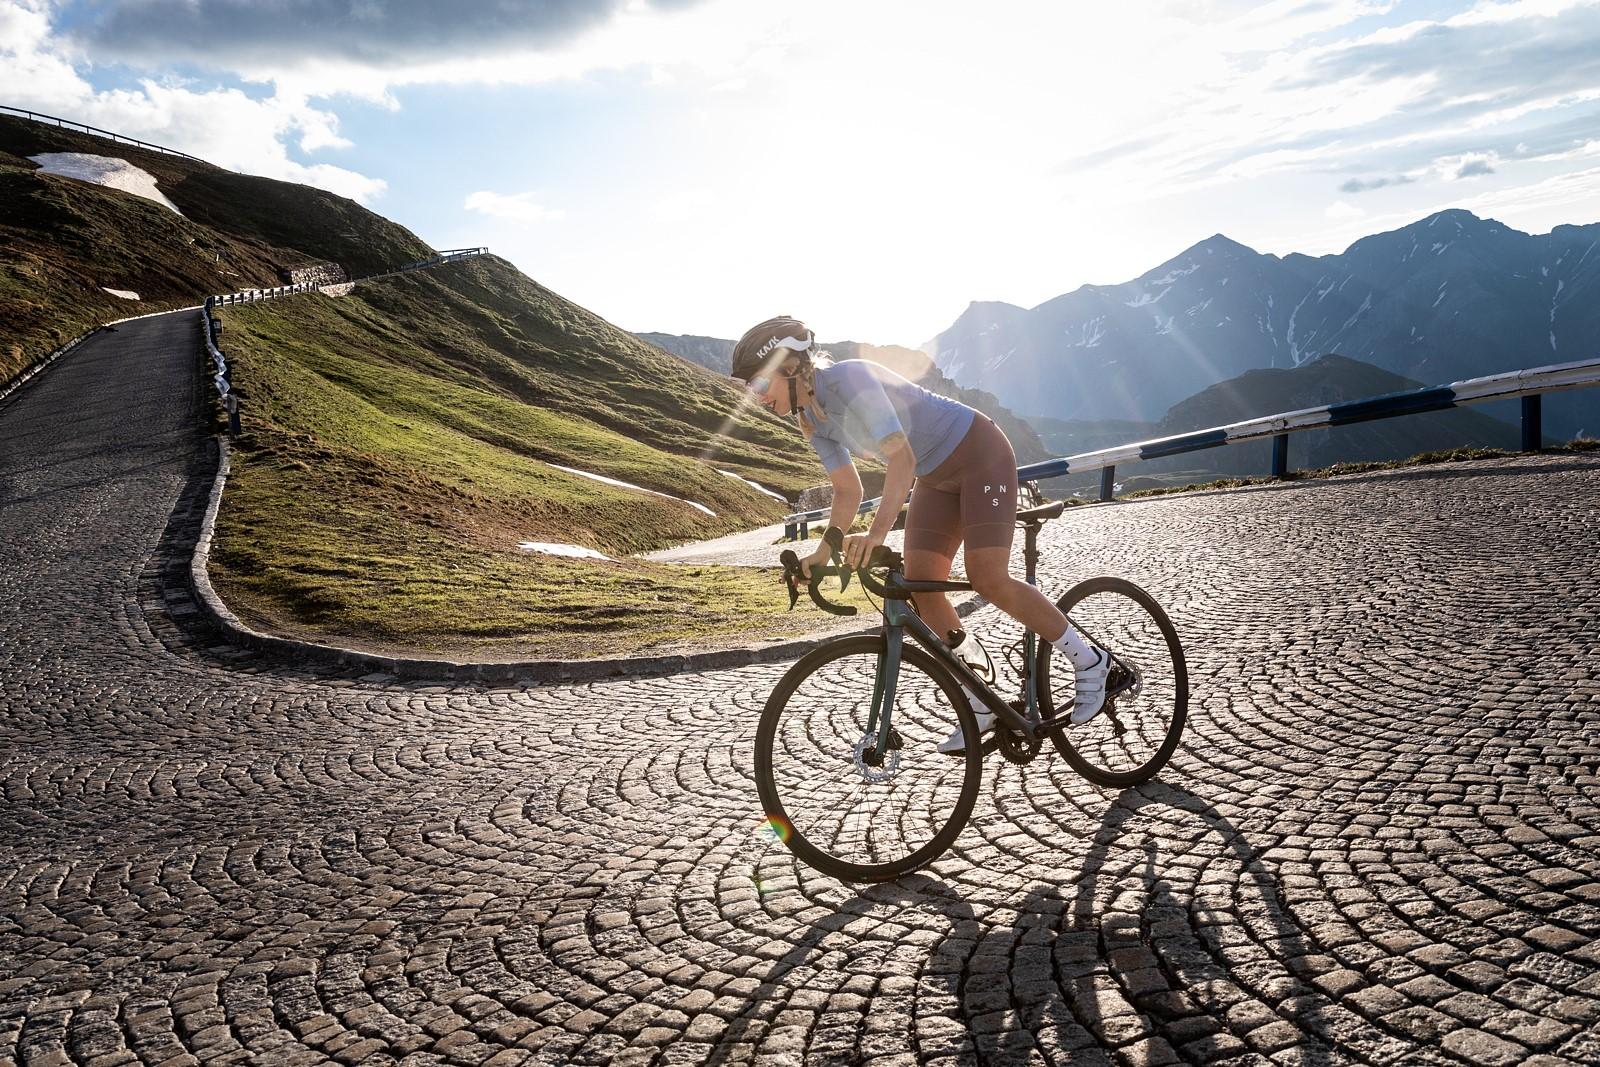 Magická třicítka je lákavou meto i pro mnoho žen v sedle kola, bez ohledu na náročnost trasy. Foto: Michal Červený